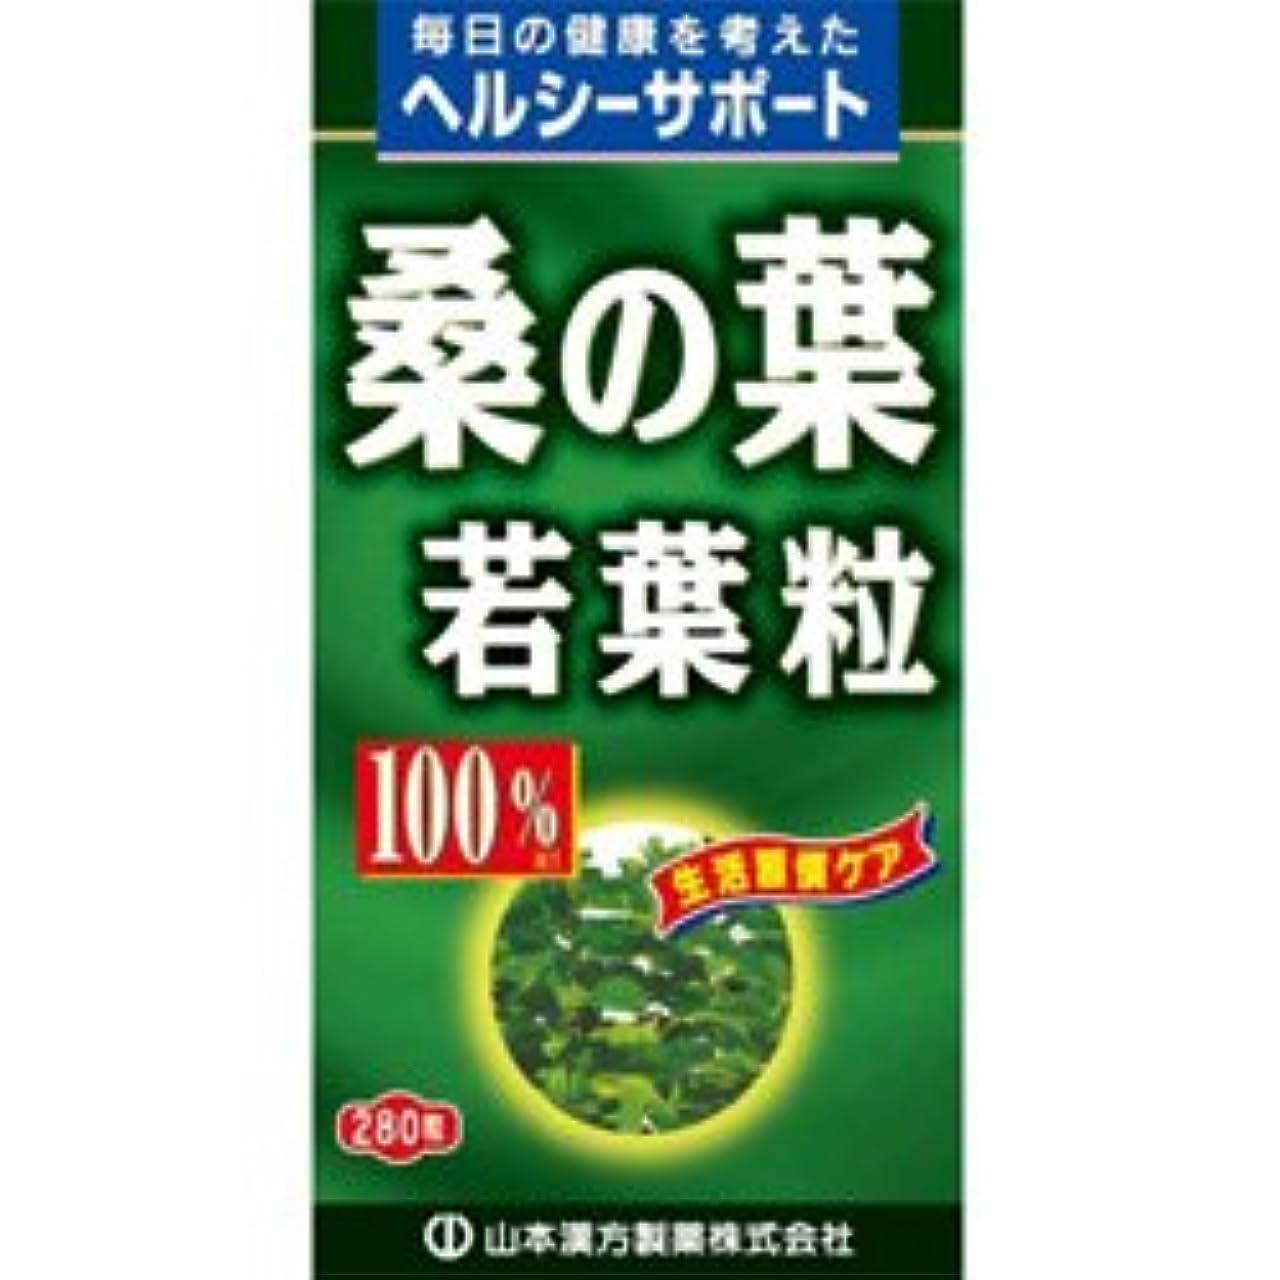 二度振り向くチェス【山本漢方製薬】桑の葉粒 100% 280粒 ×10個セット